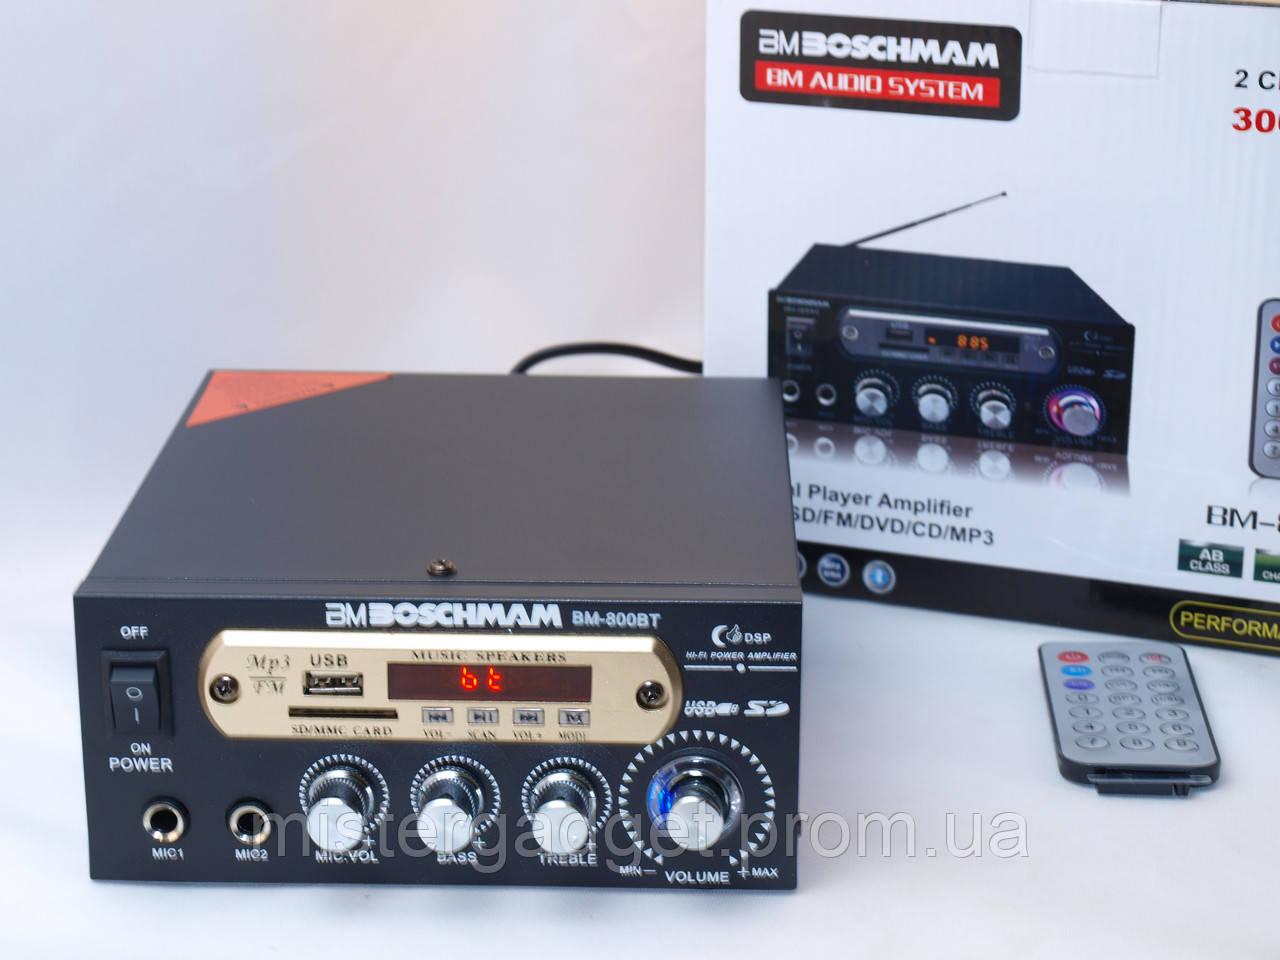 Усилитель звука BM-800bt Два входа для микрофона и блютуз